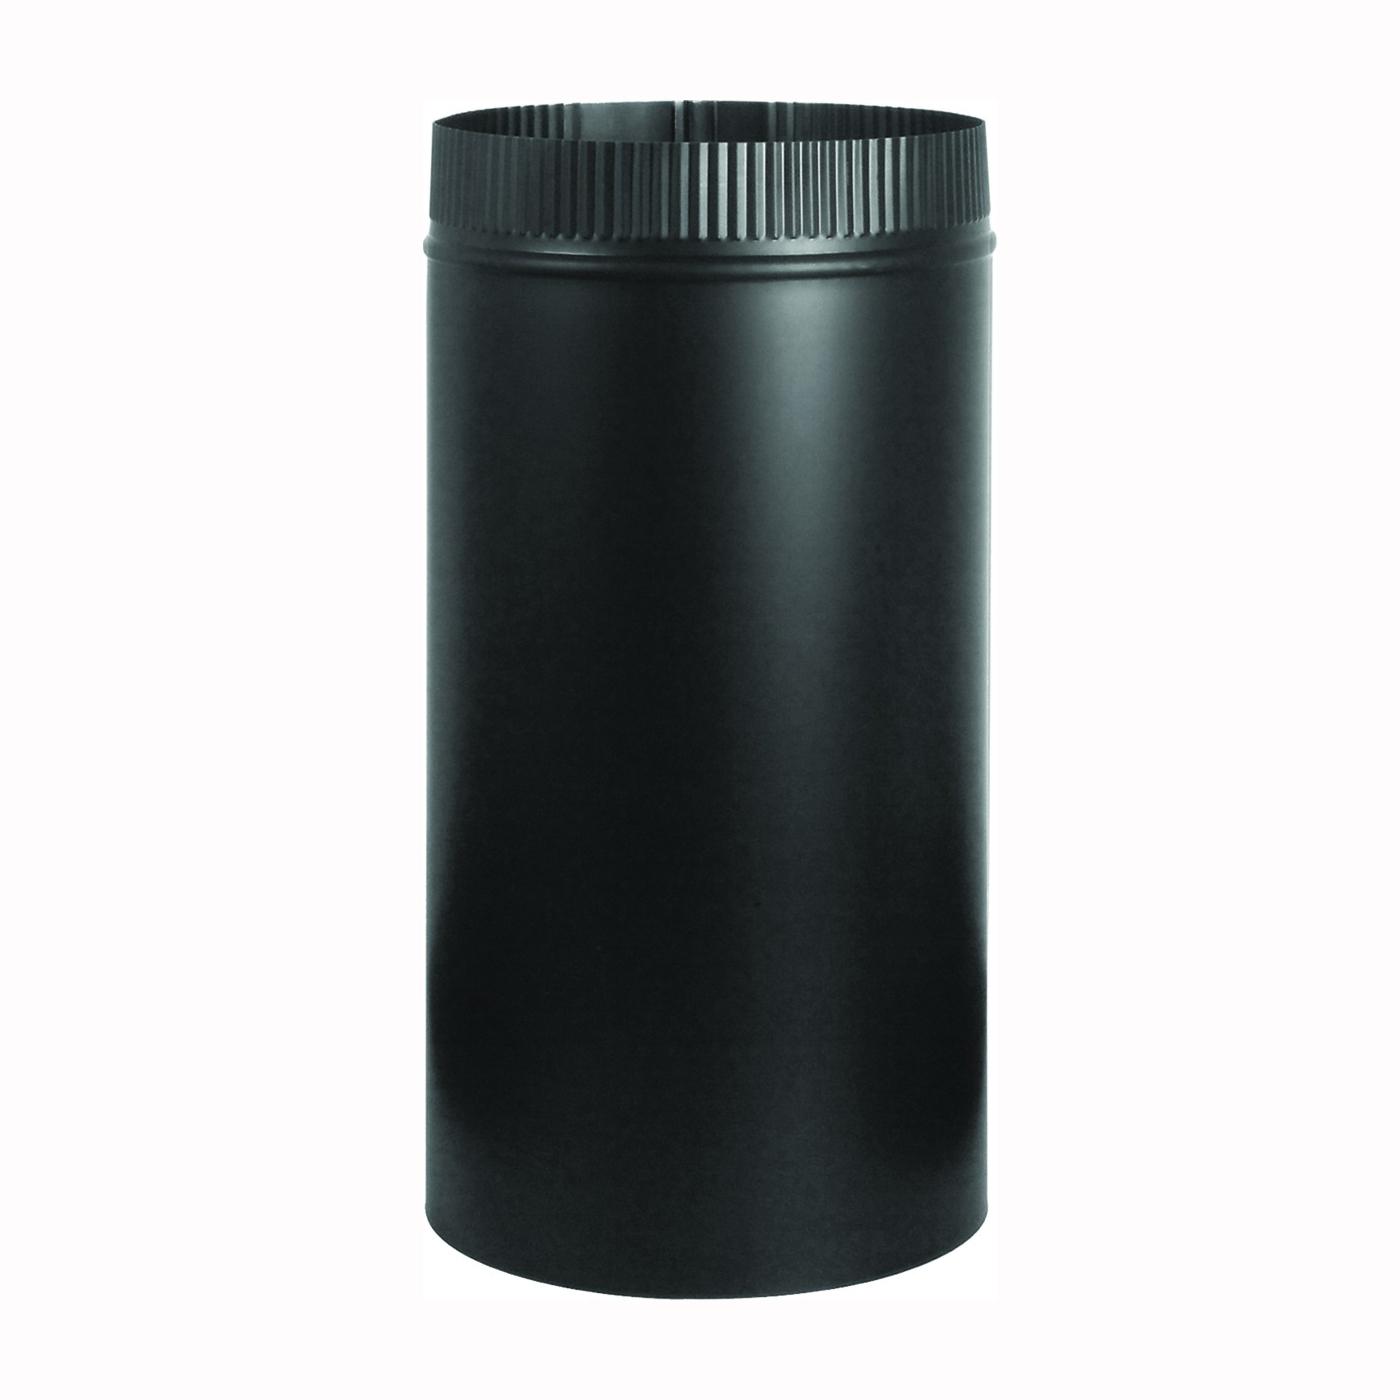 Picture of Imperial BM0101 Stove Pipe, 5 in Dia, 12 in L, Steel, Black